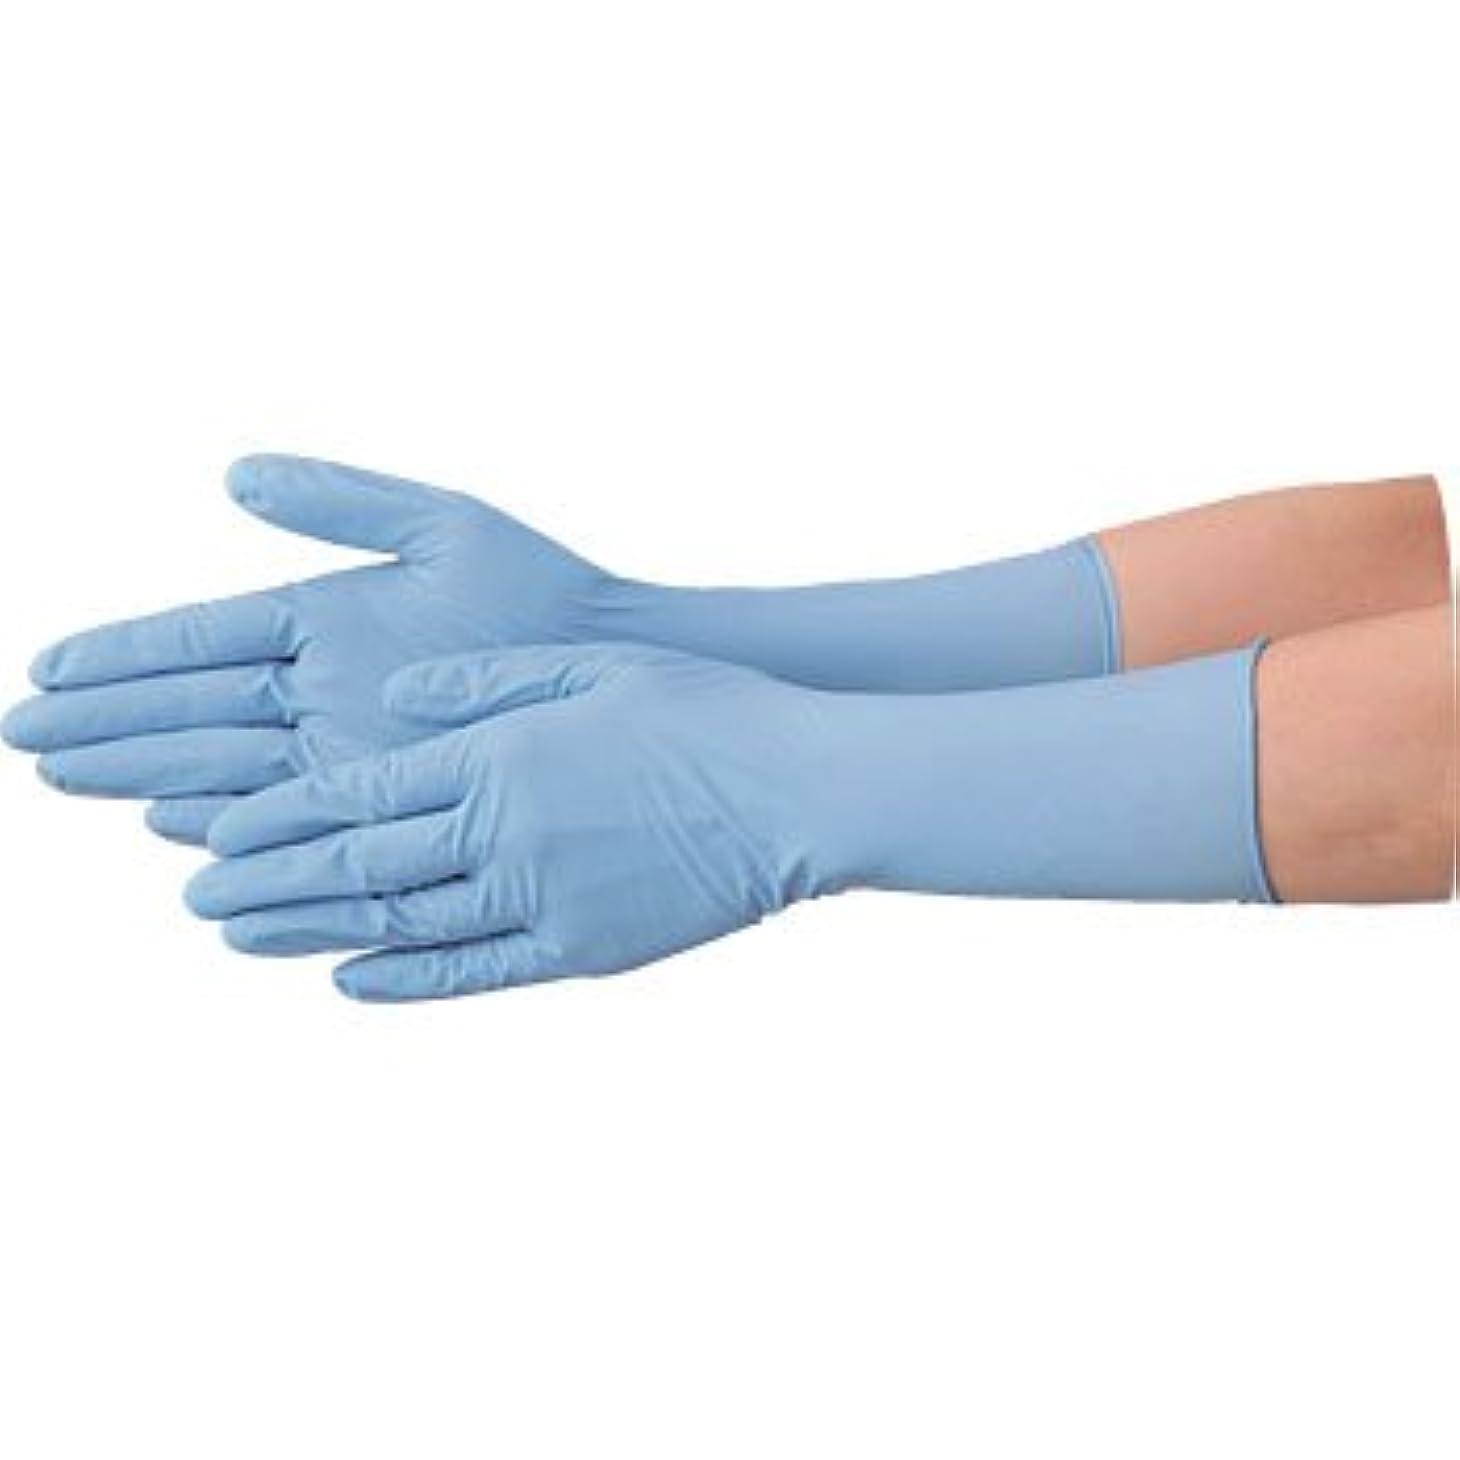 センブランス国際大工使い捨て 手袋 エブノ 528 ニトリル ロング手袋 パウダーフリー 全長29cm ブルー Sサイズ 2ケース(100枚×40箱)